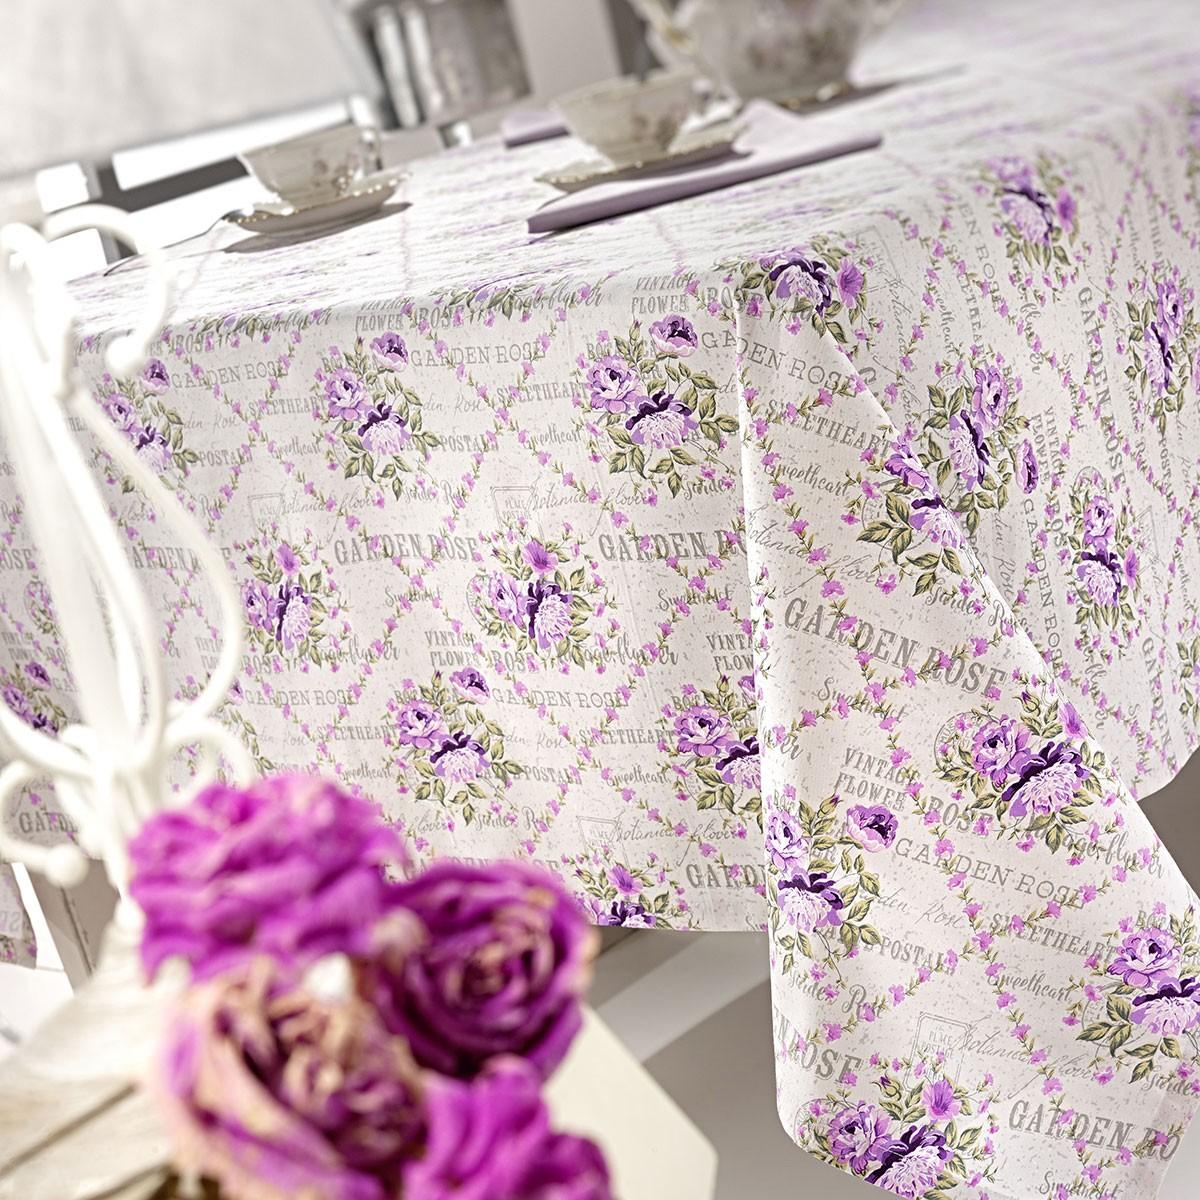 Τραπεζομάντηλο (150x190) Nima Garden Rose 02 Lilac